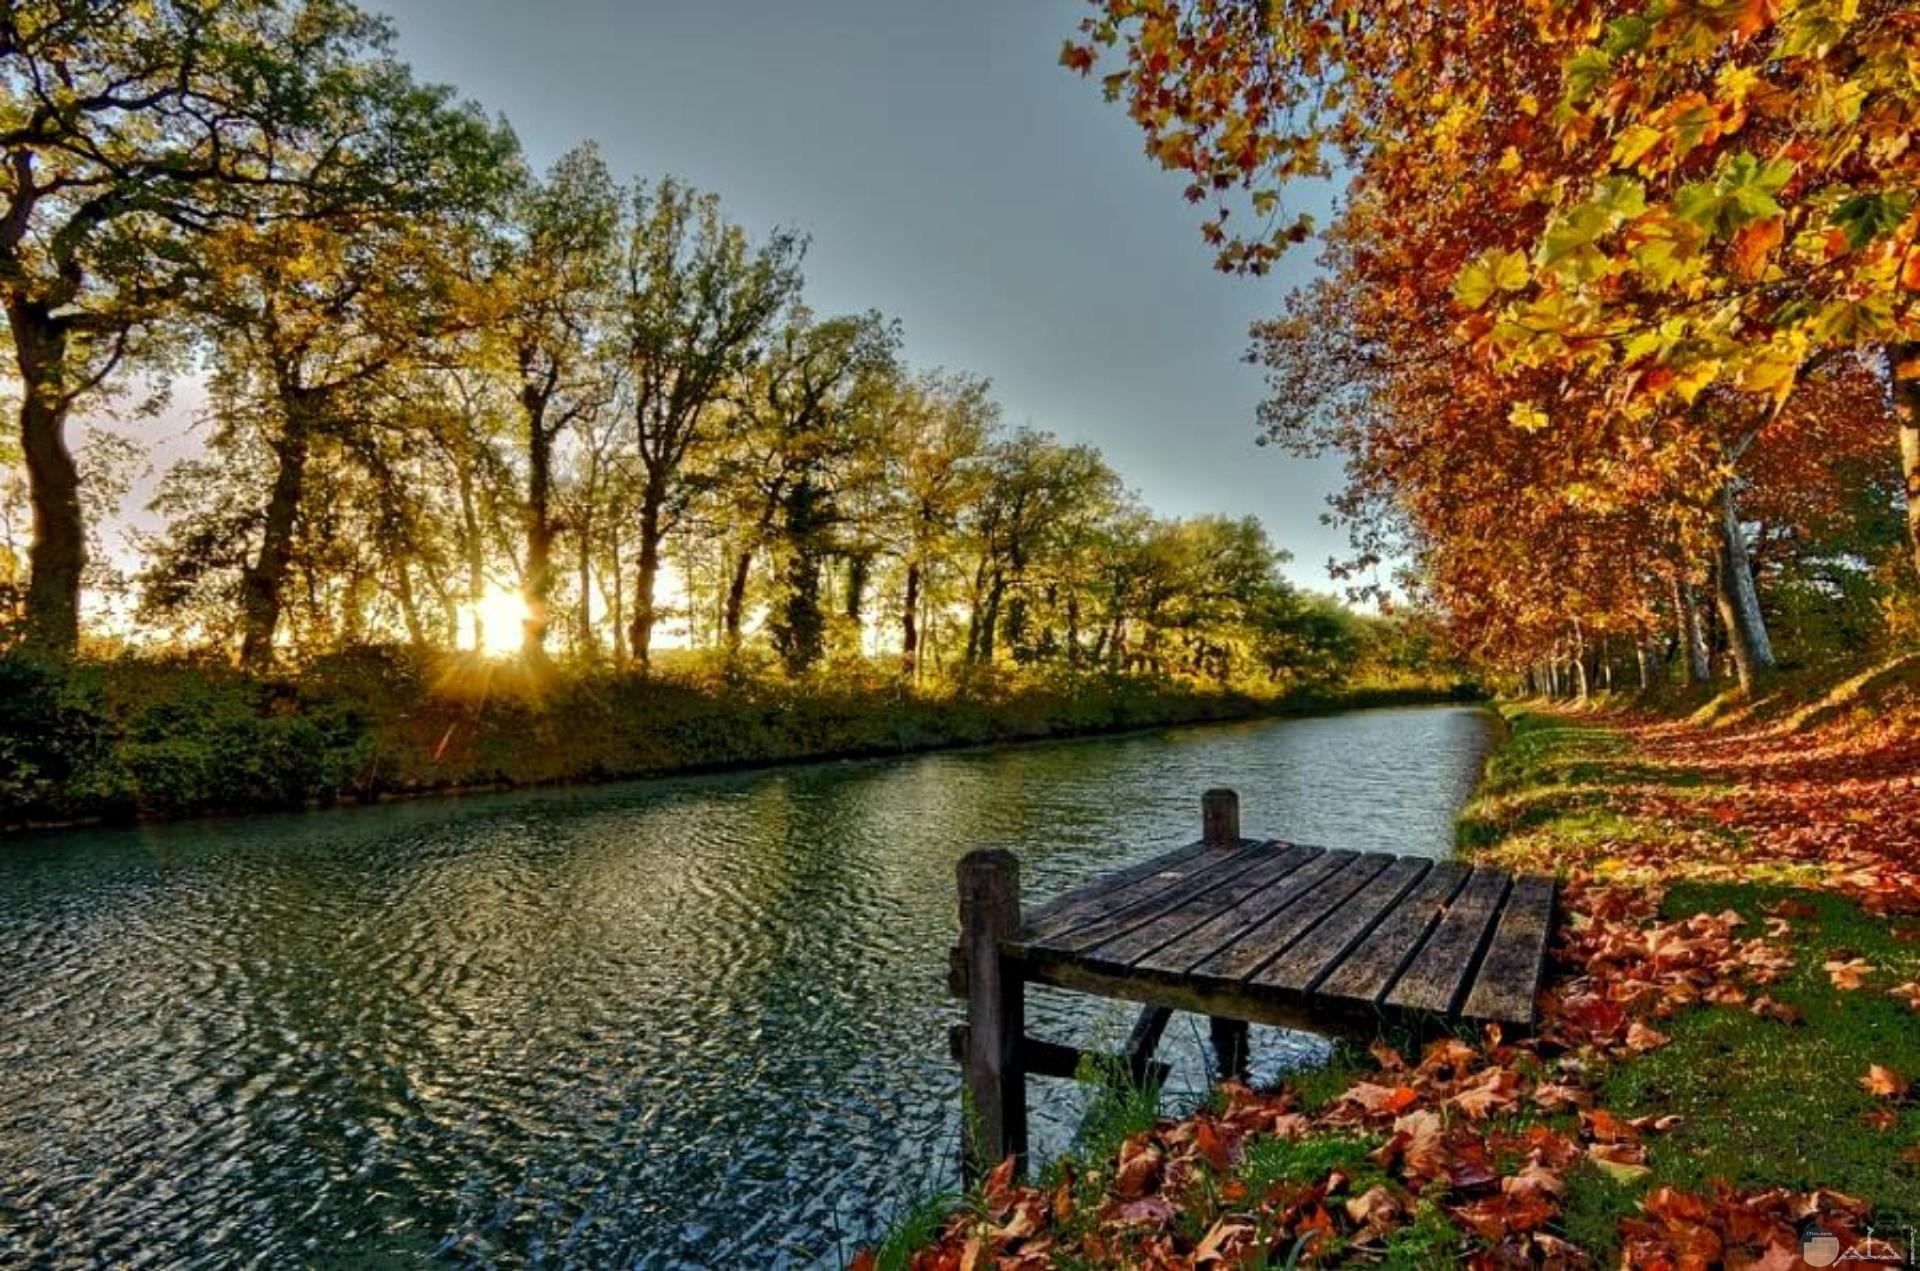 تحميل صور الطبيعة